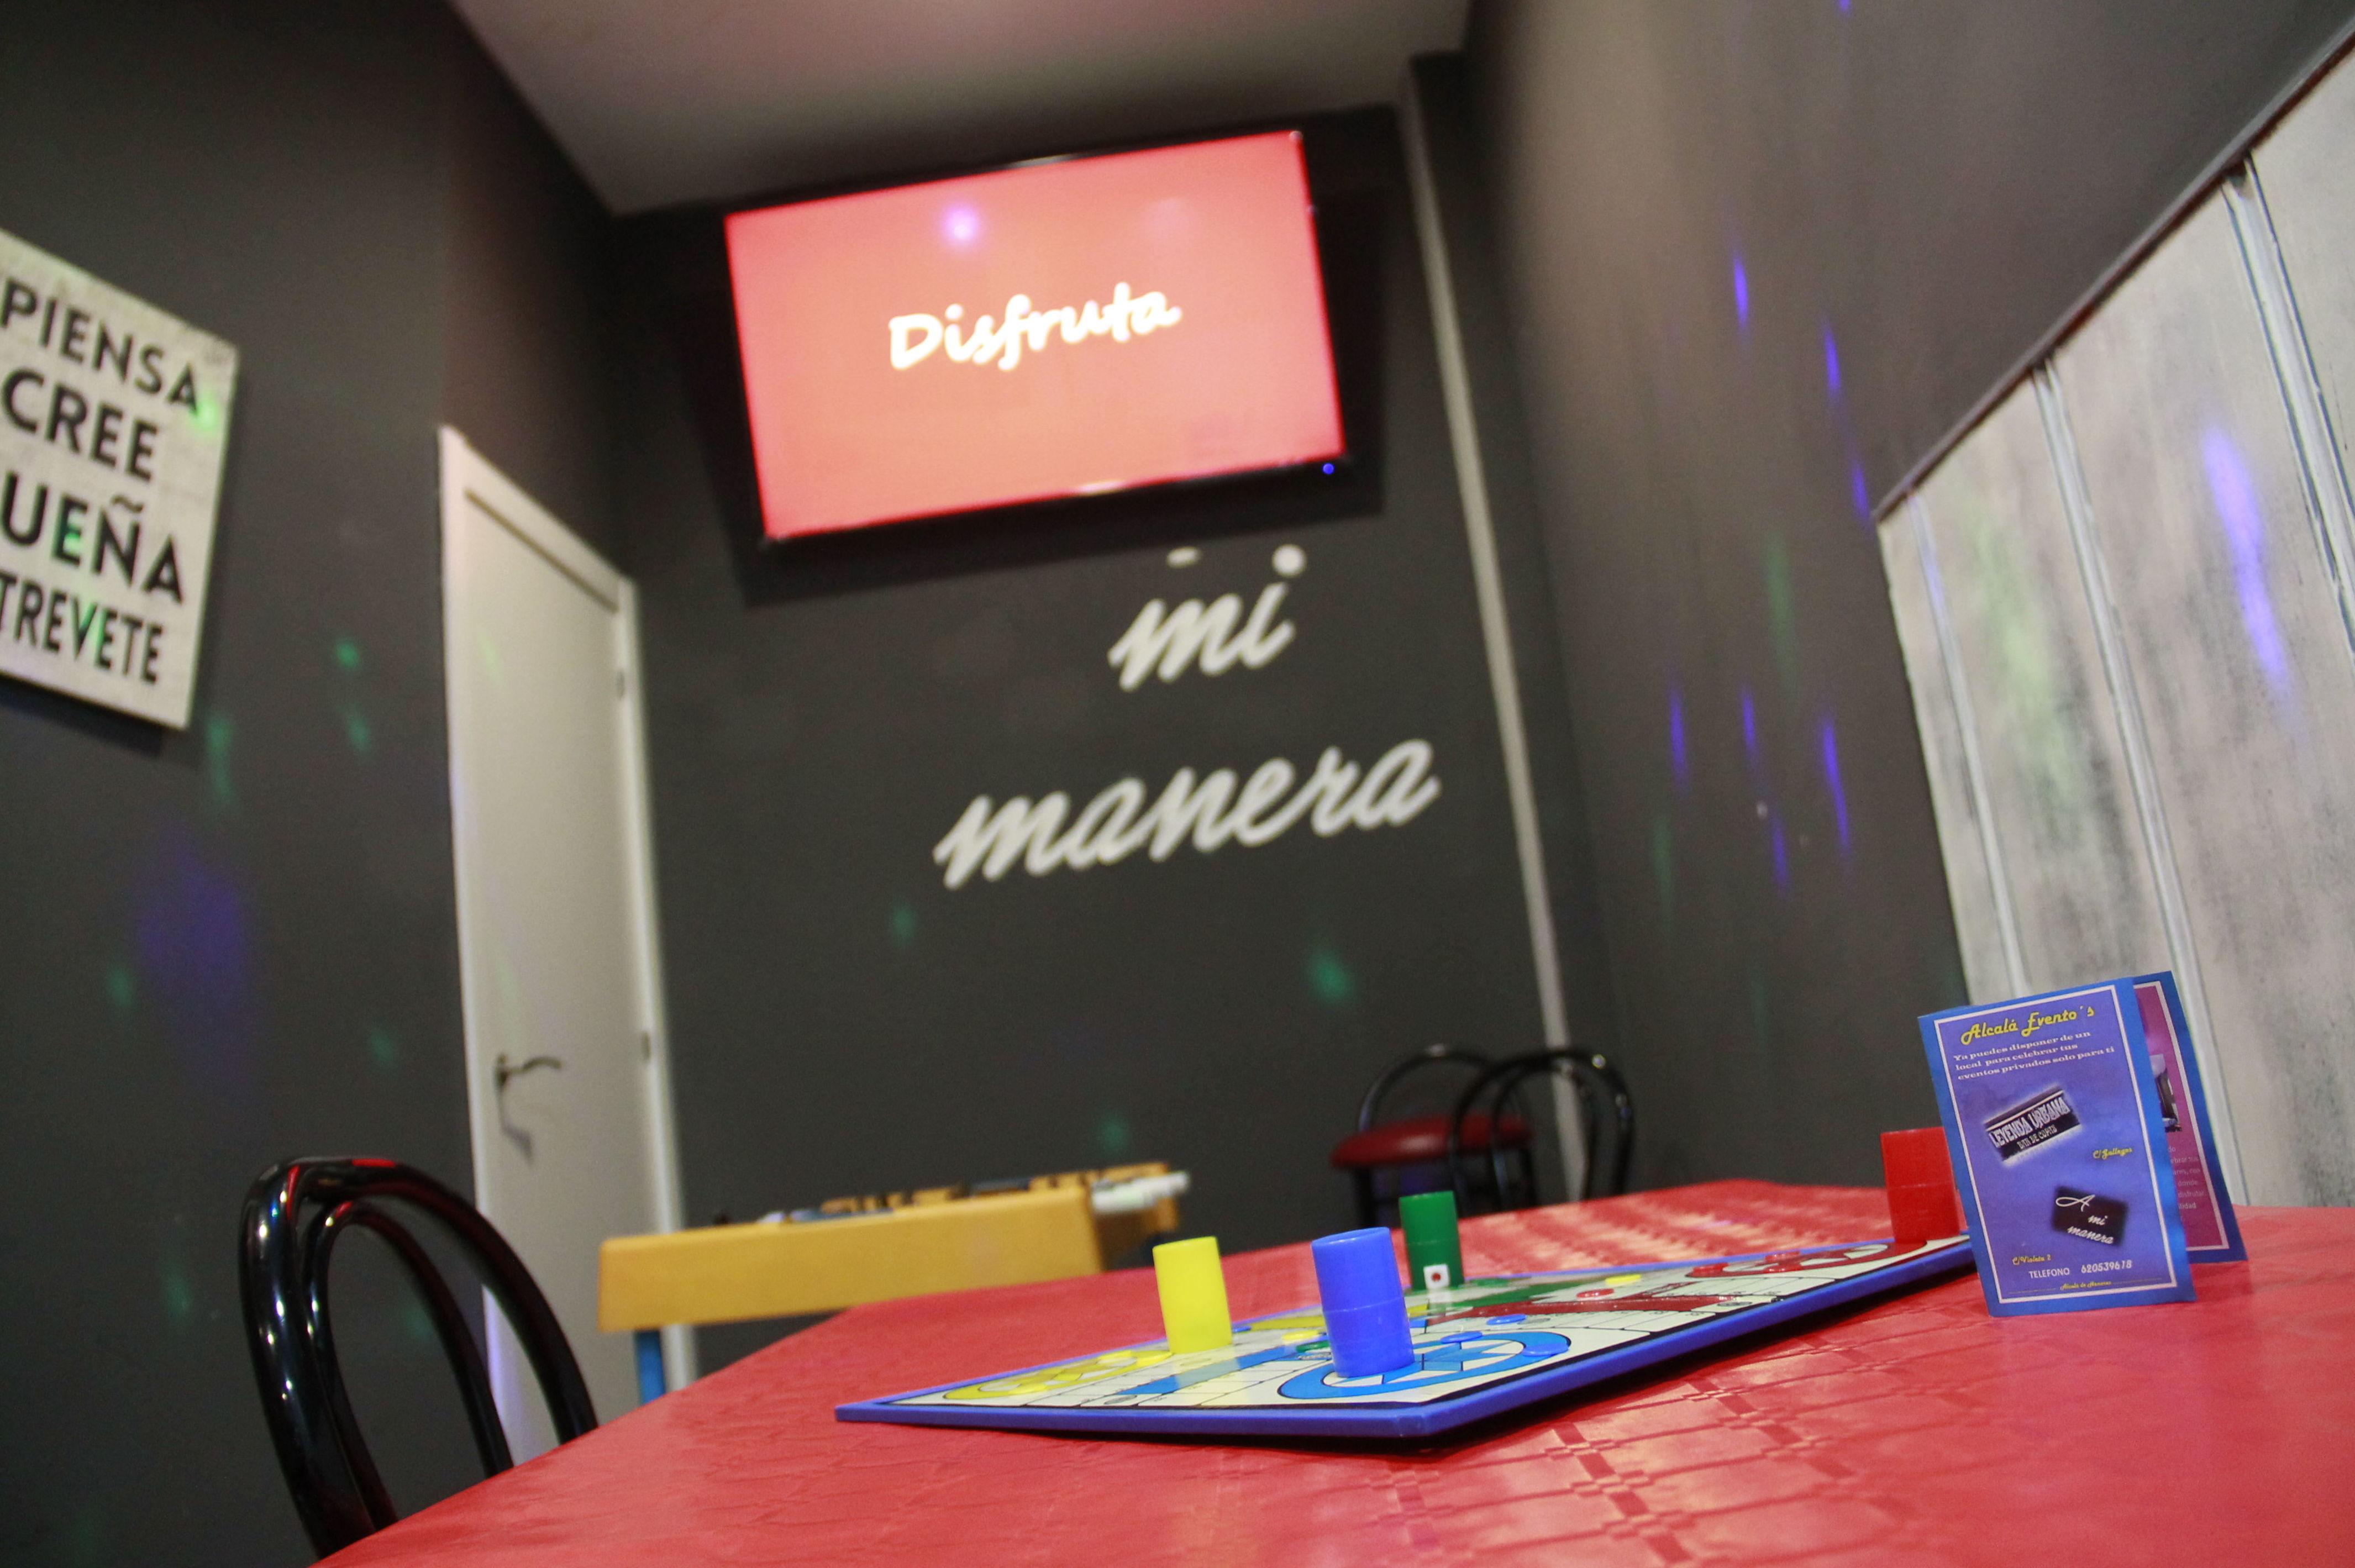 A Mi Manera piensa en todos, desde los más peques hasta los más mayores, con juegos de mesa, mini-futbolín y karaoke